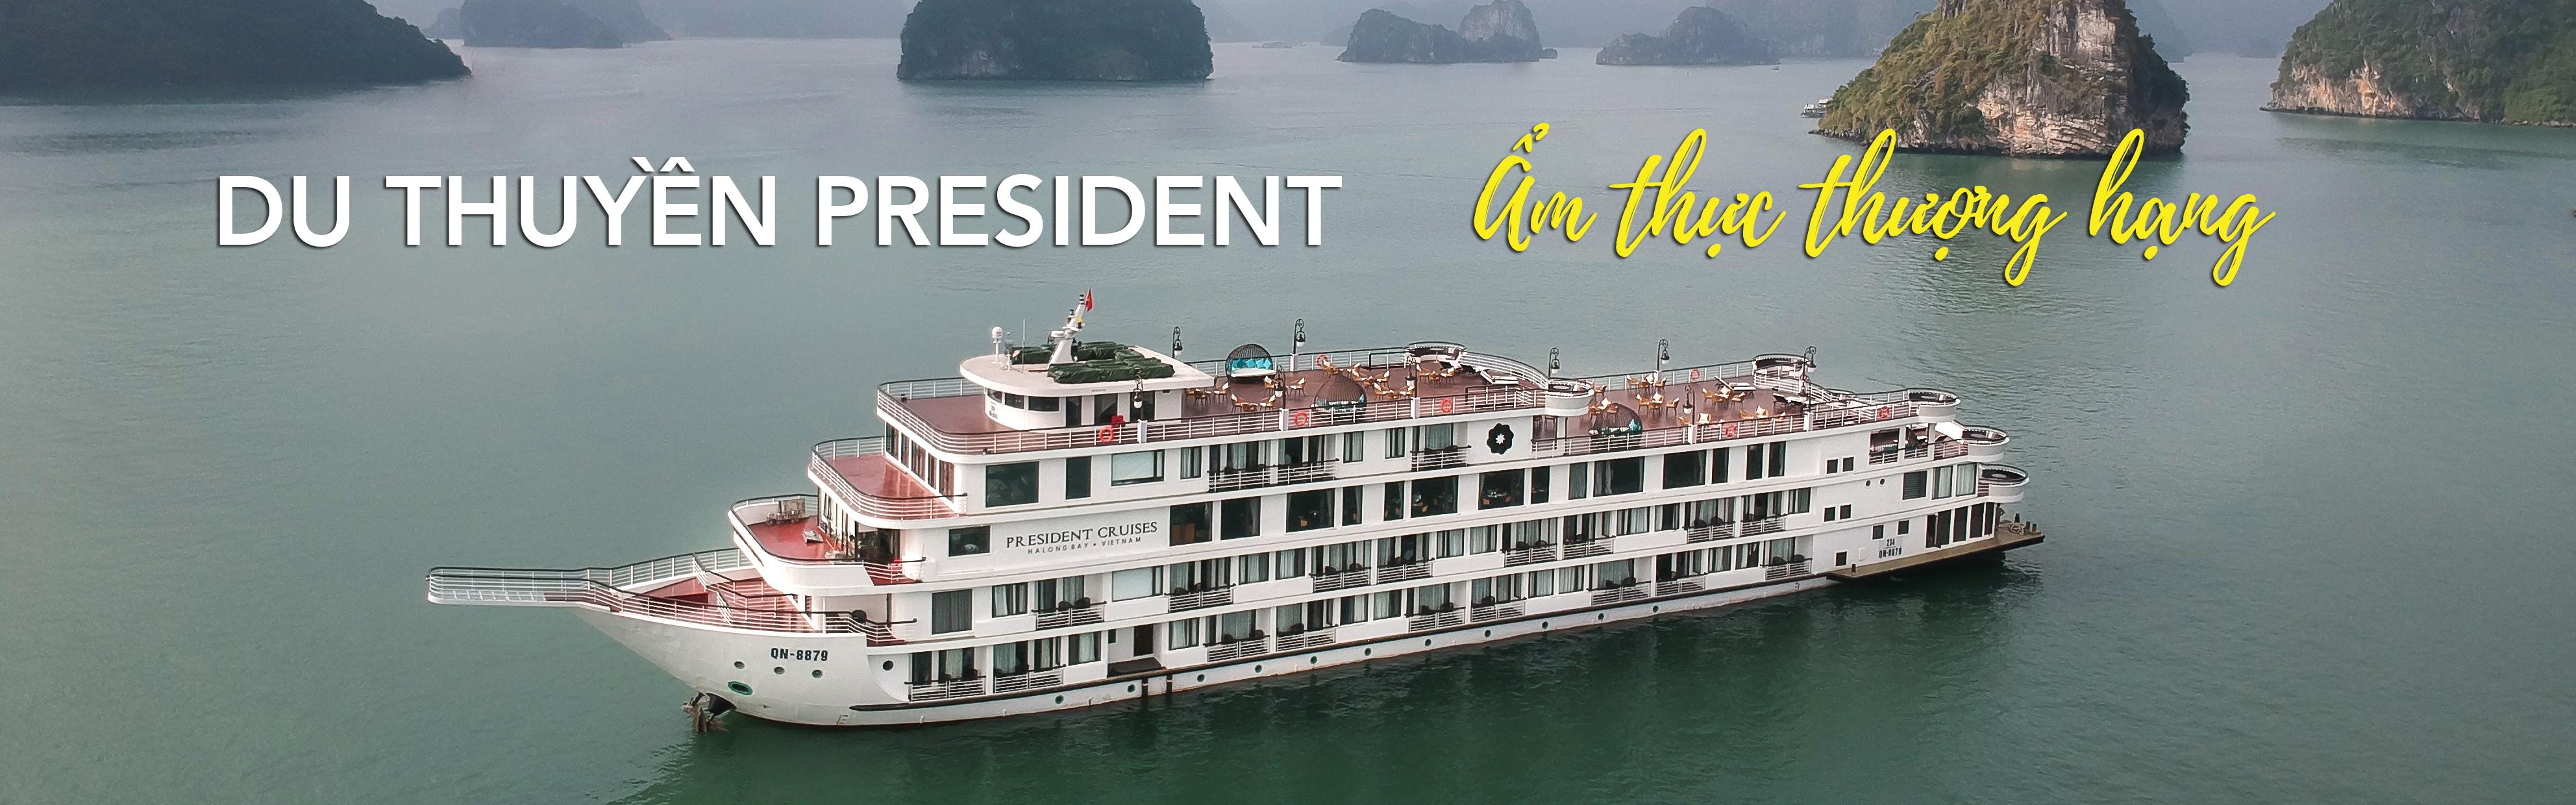 Du thuyền President